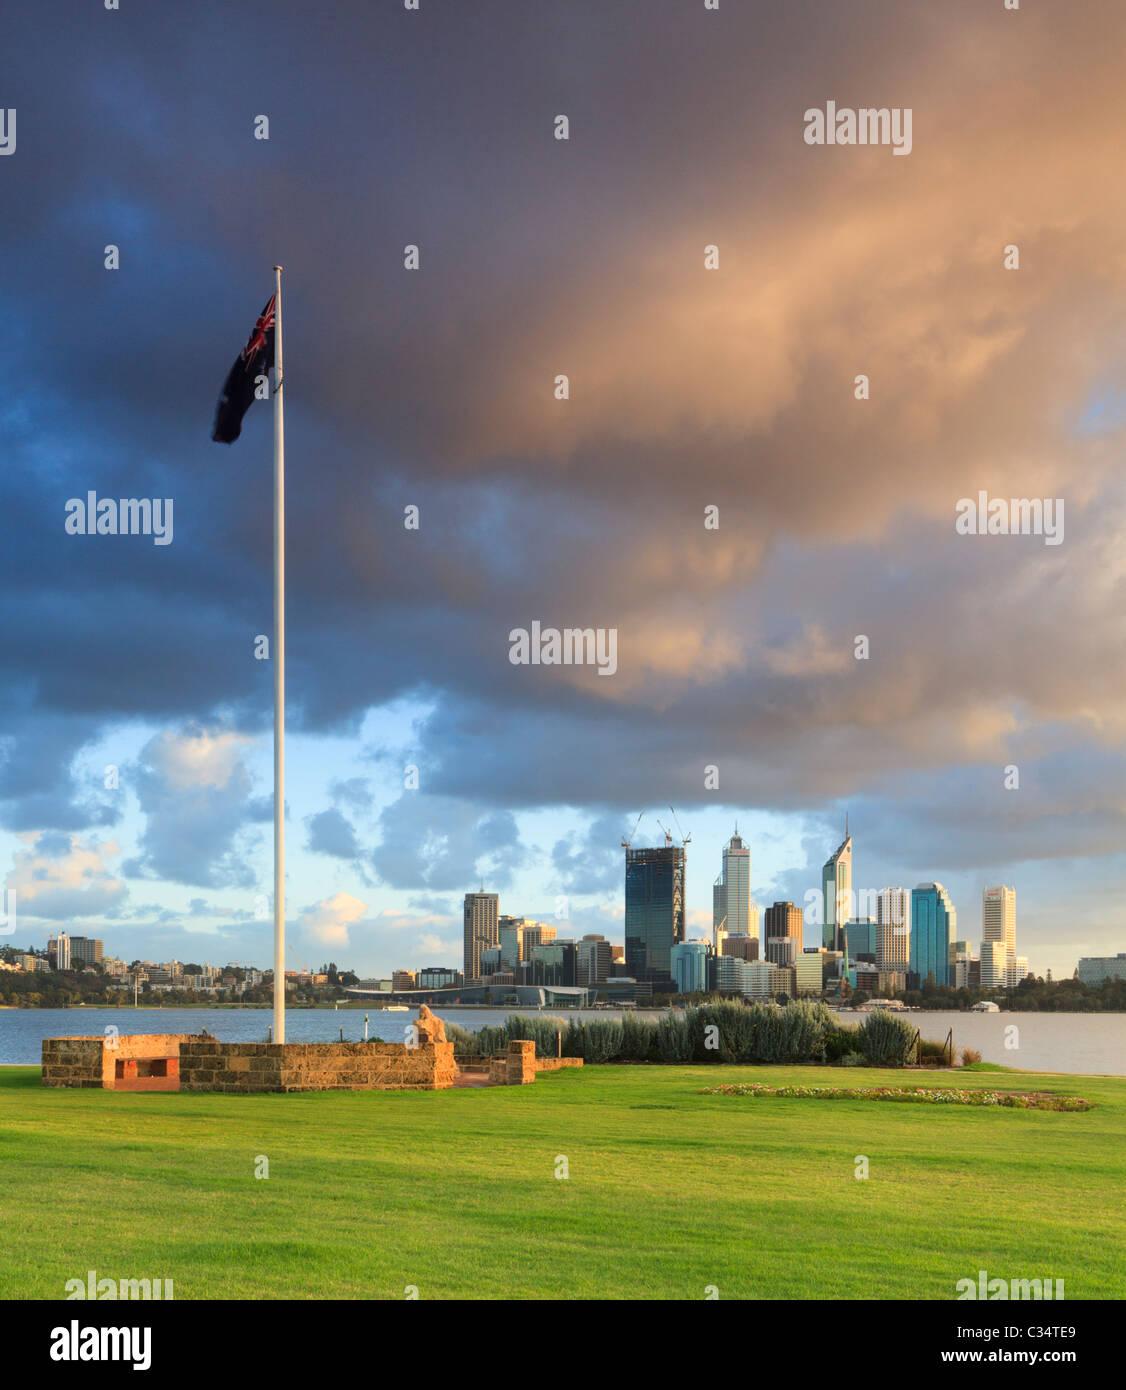 Bandiera australiana nel Sir James Mitchell Park, South Perth volando sopra la città di Perth a sunrise. Immagini Stock